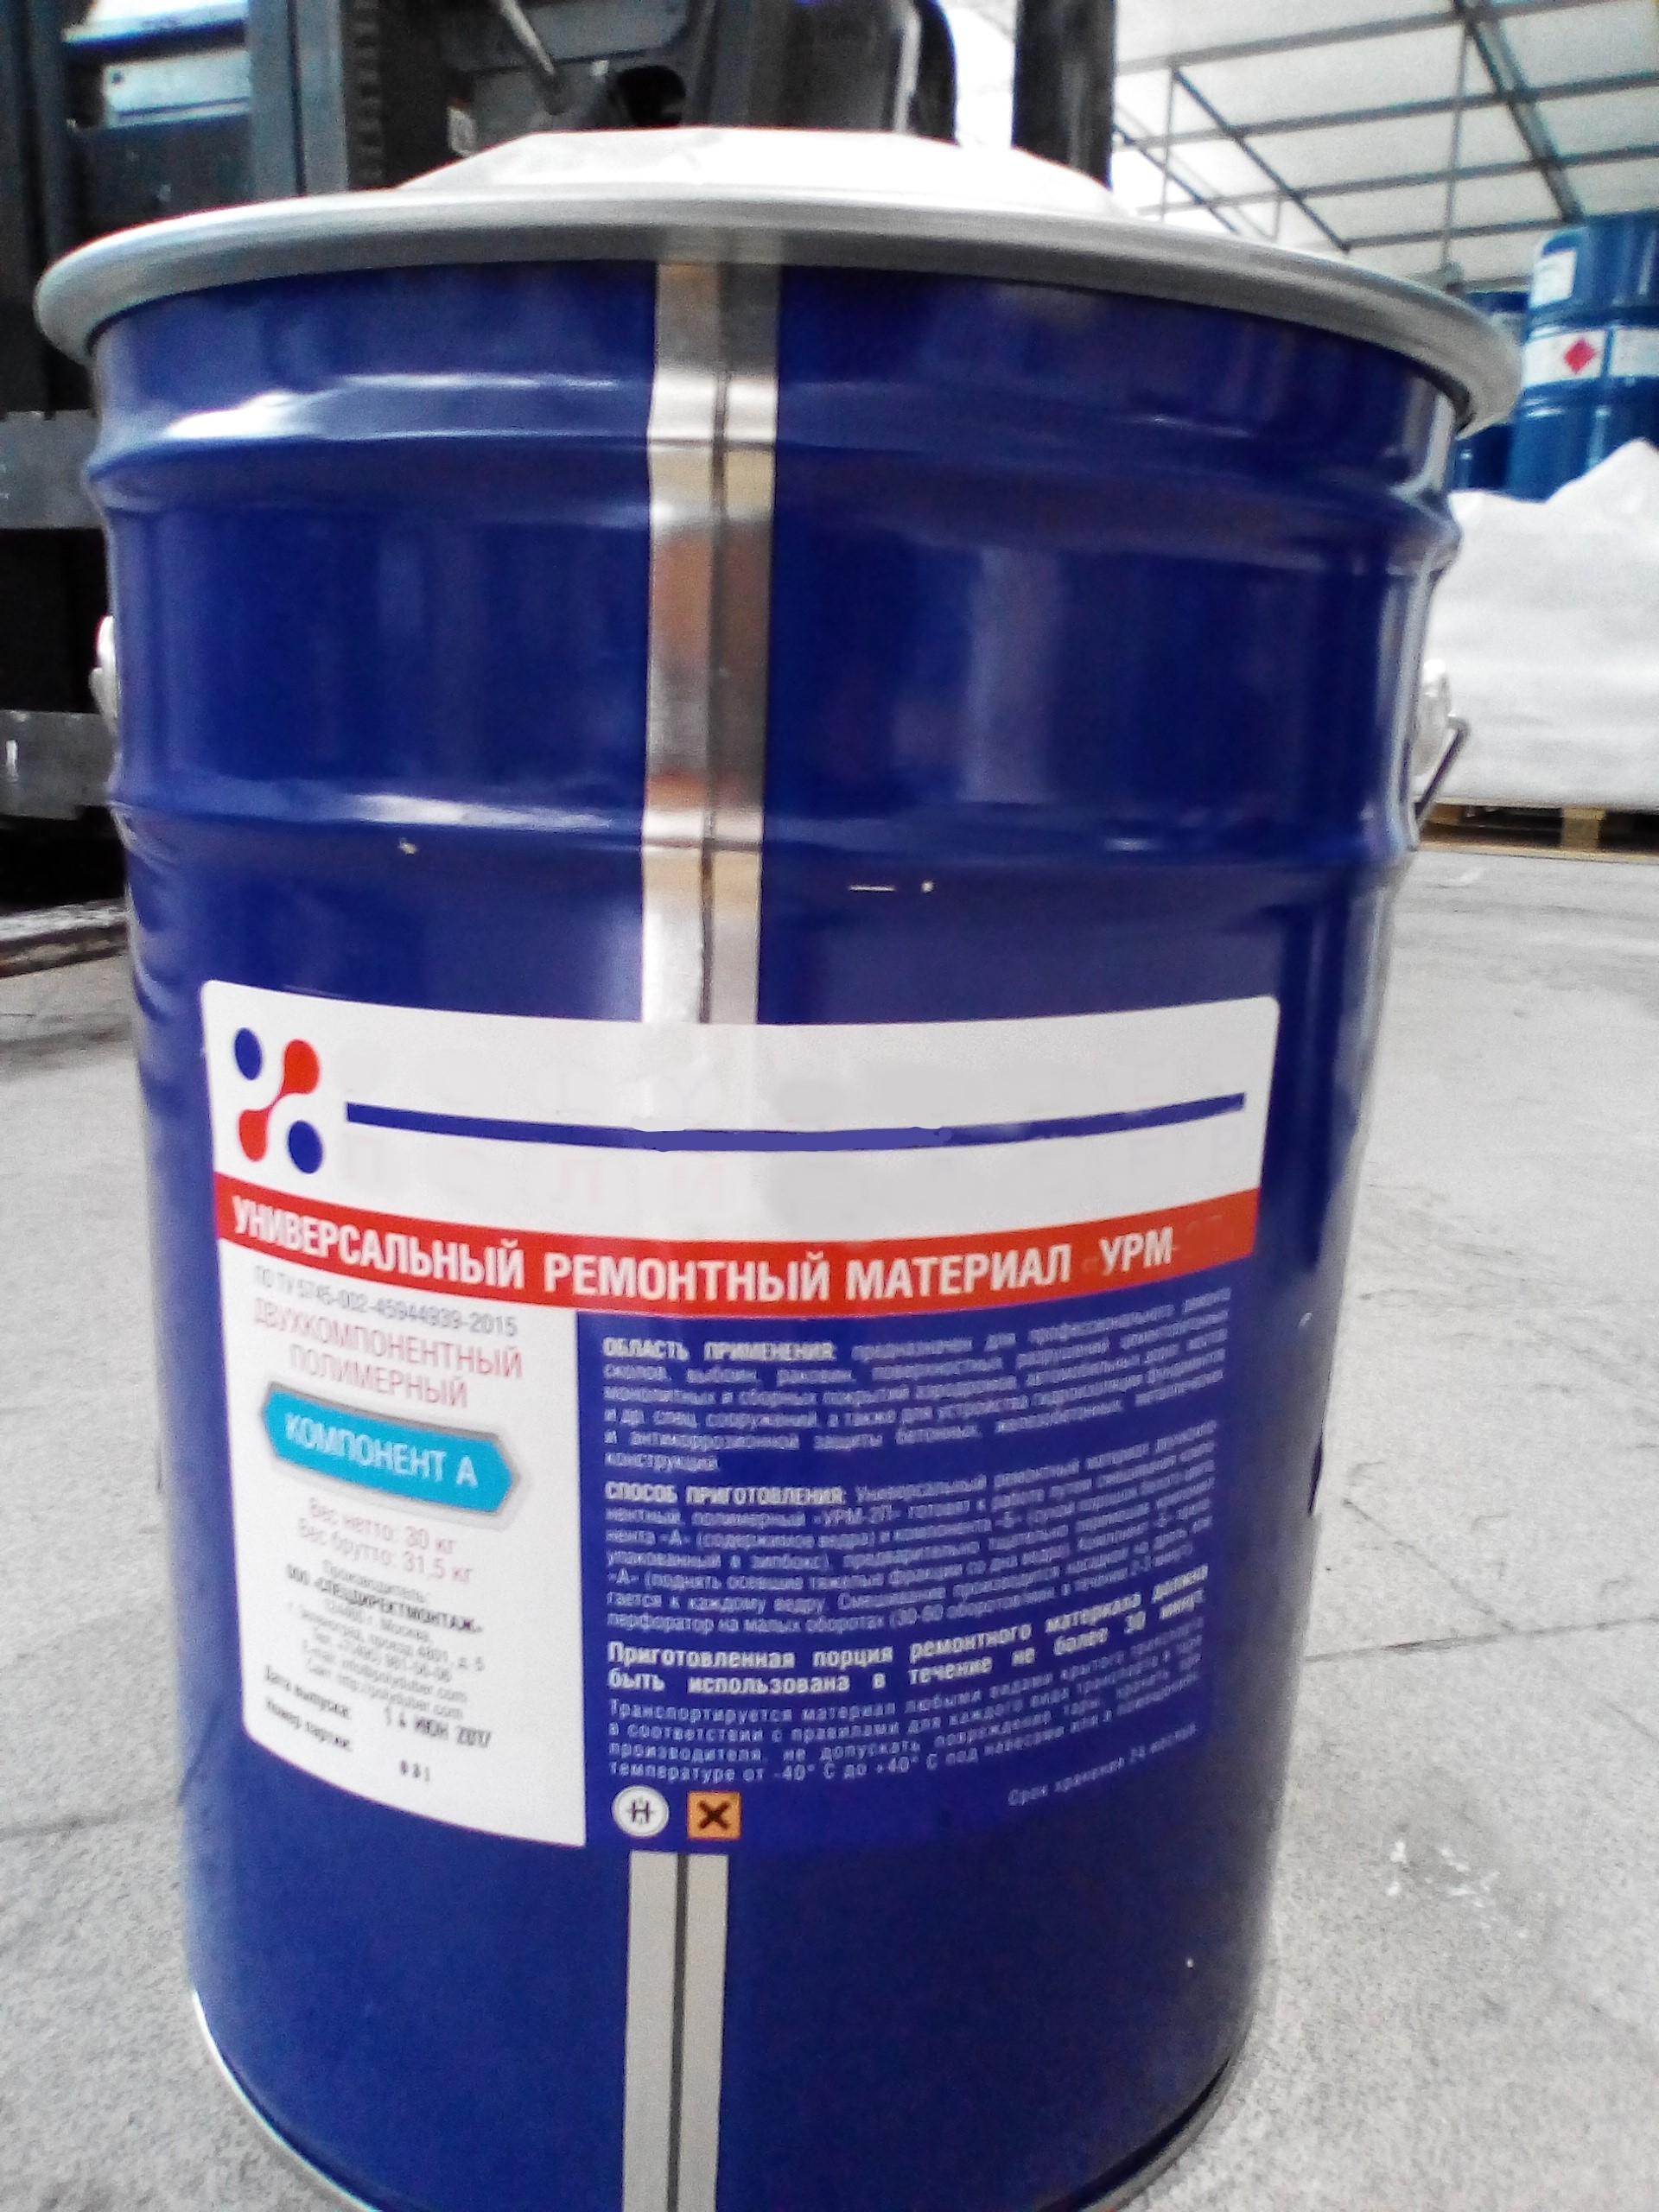 Товаров купить ремонтную для бетона в москве издание является Полным